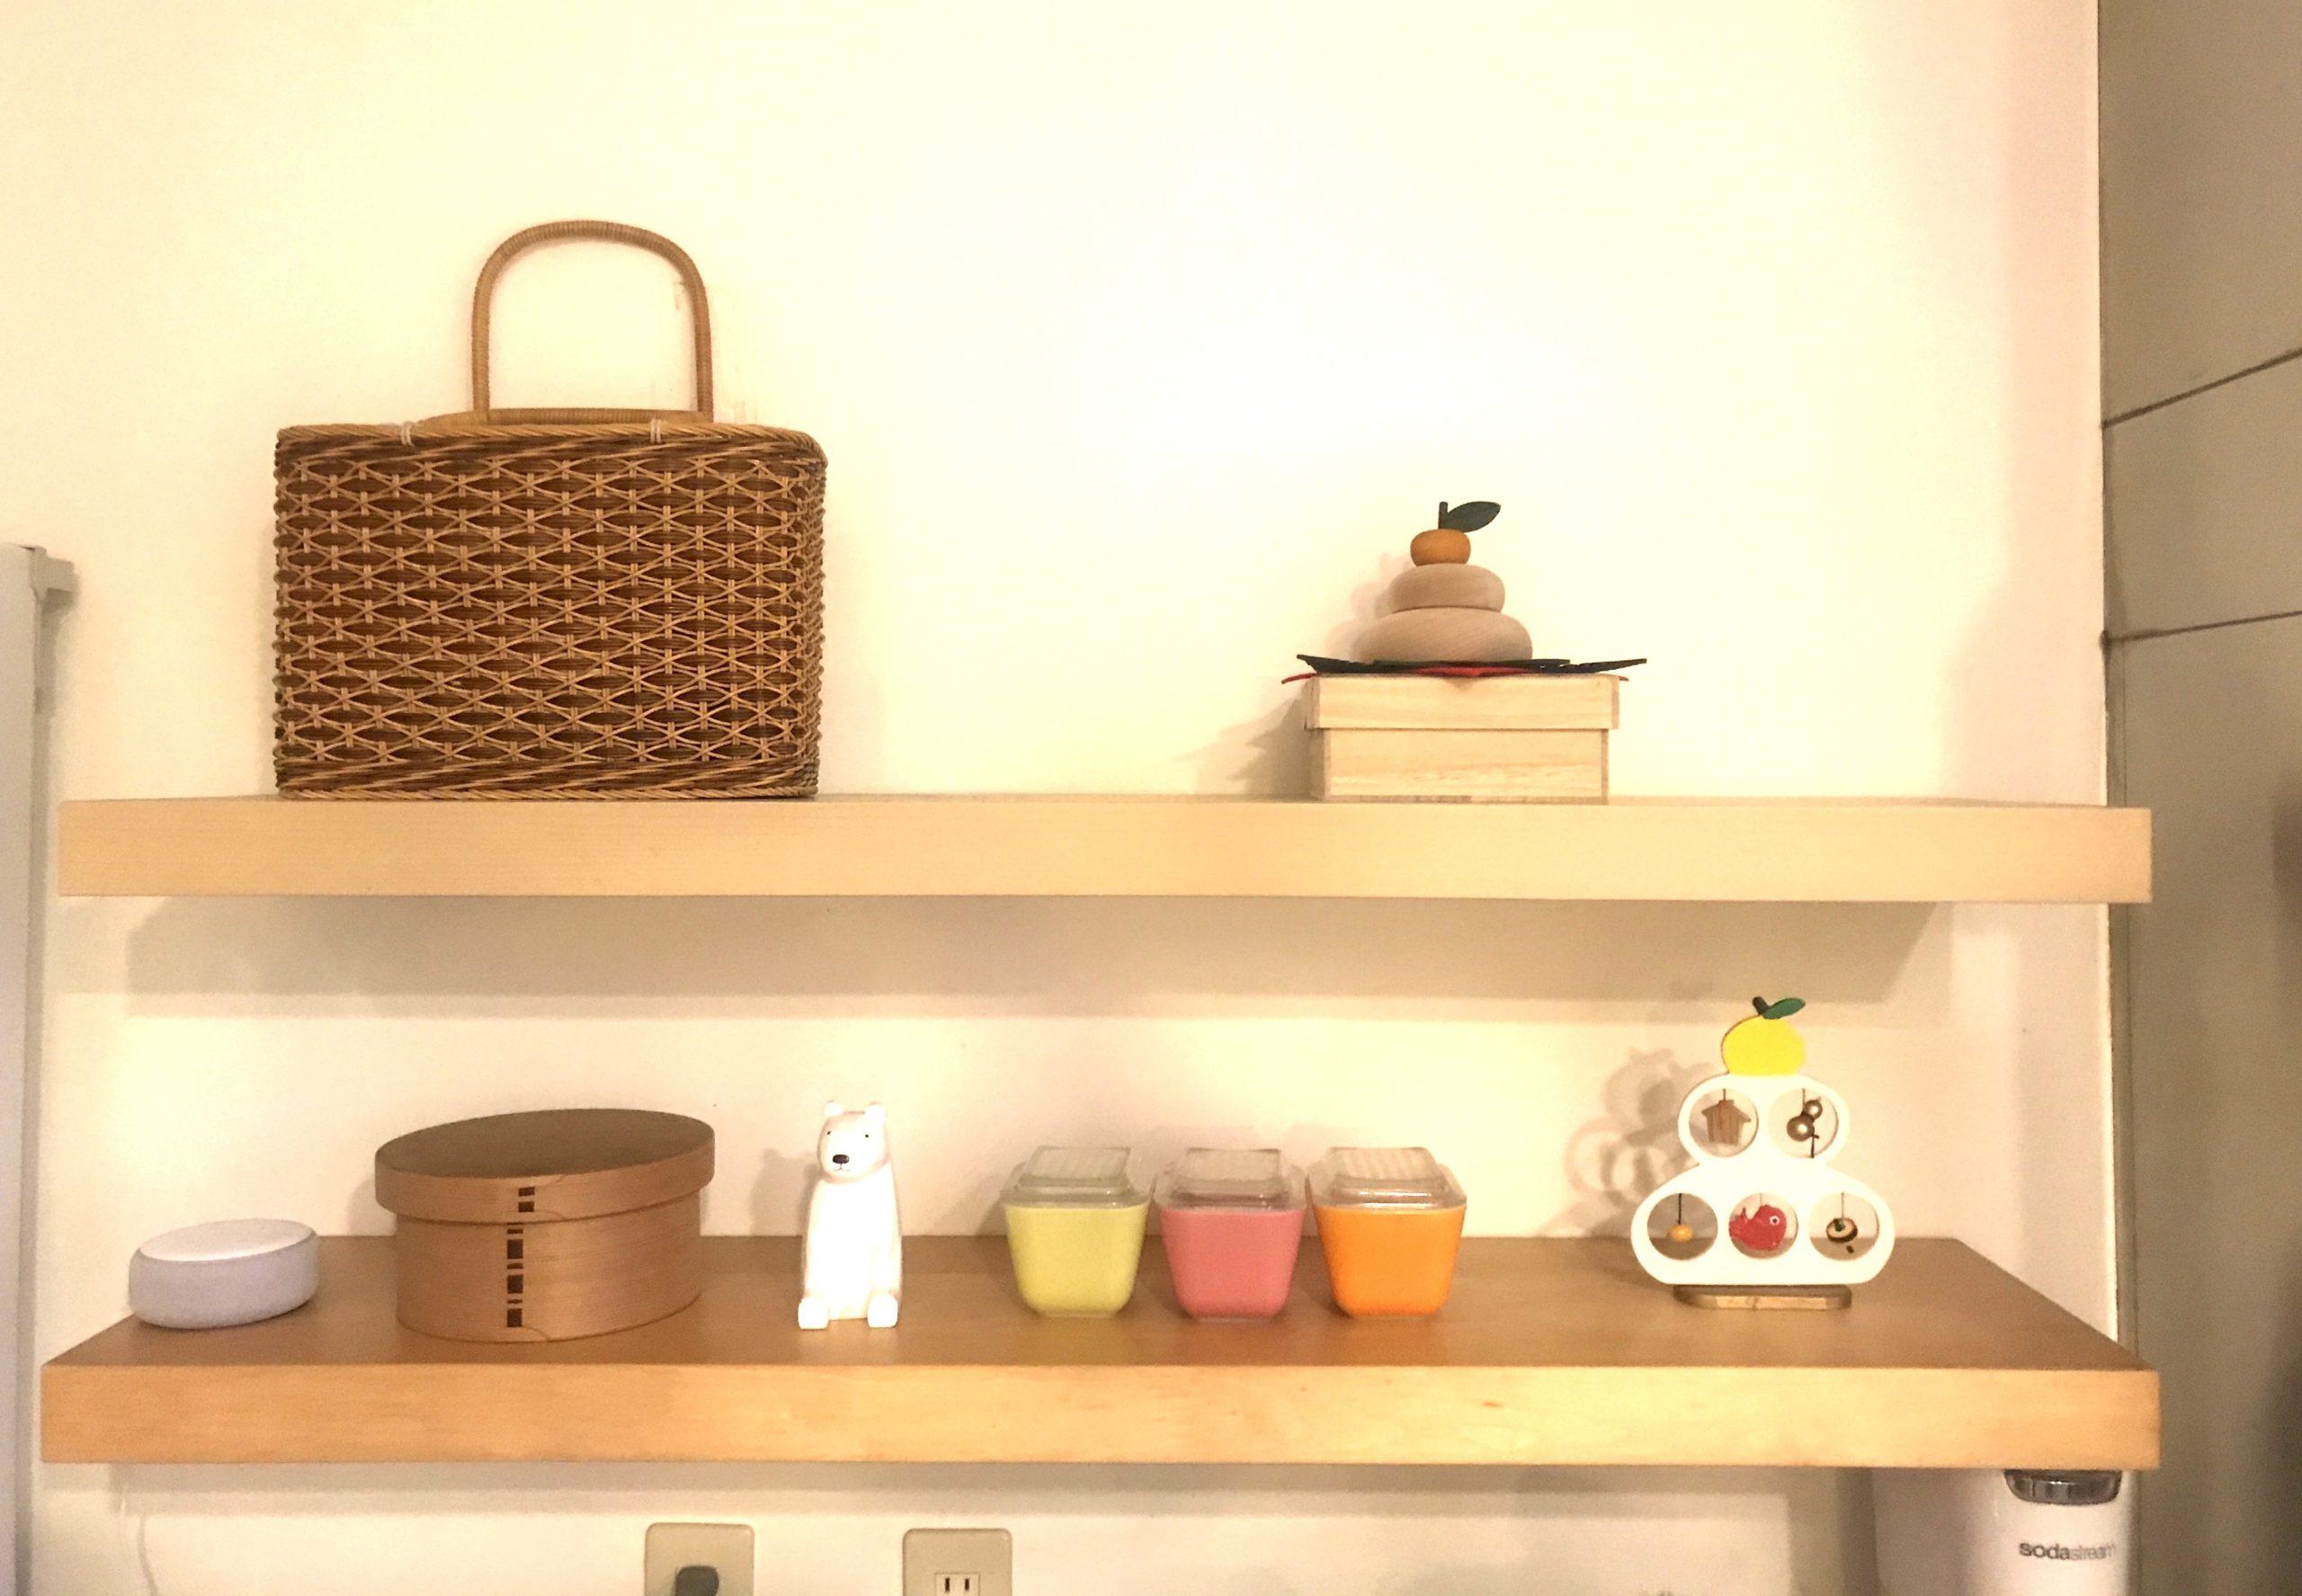 お正月のキッチン飾り棚